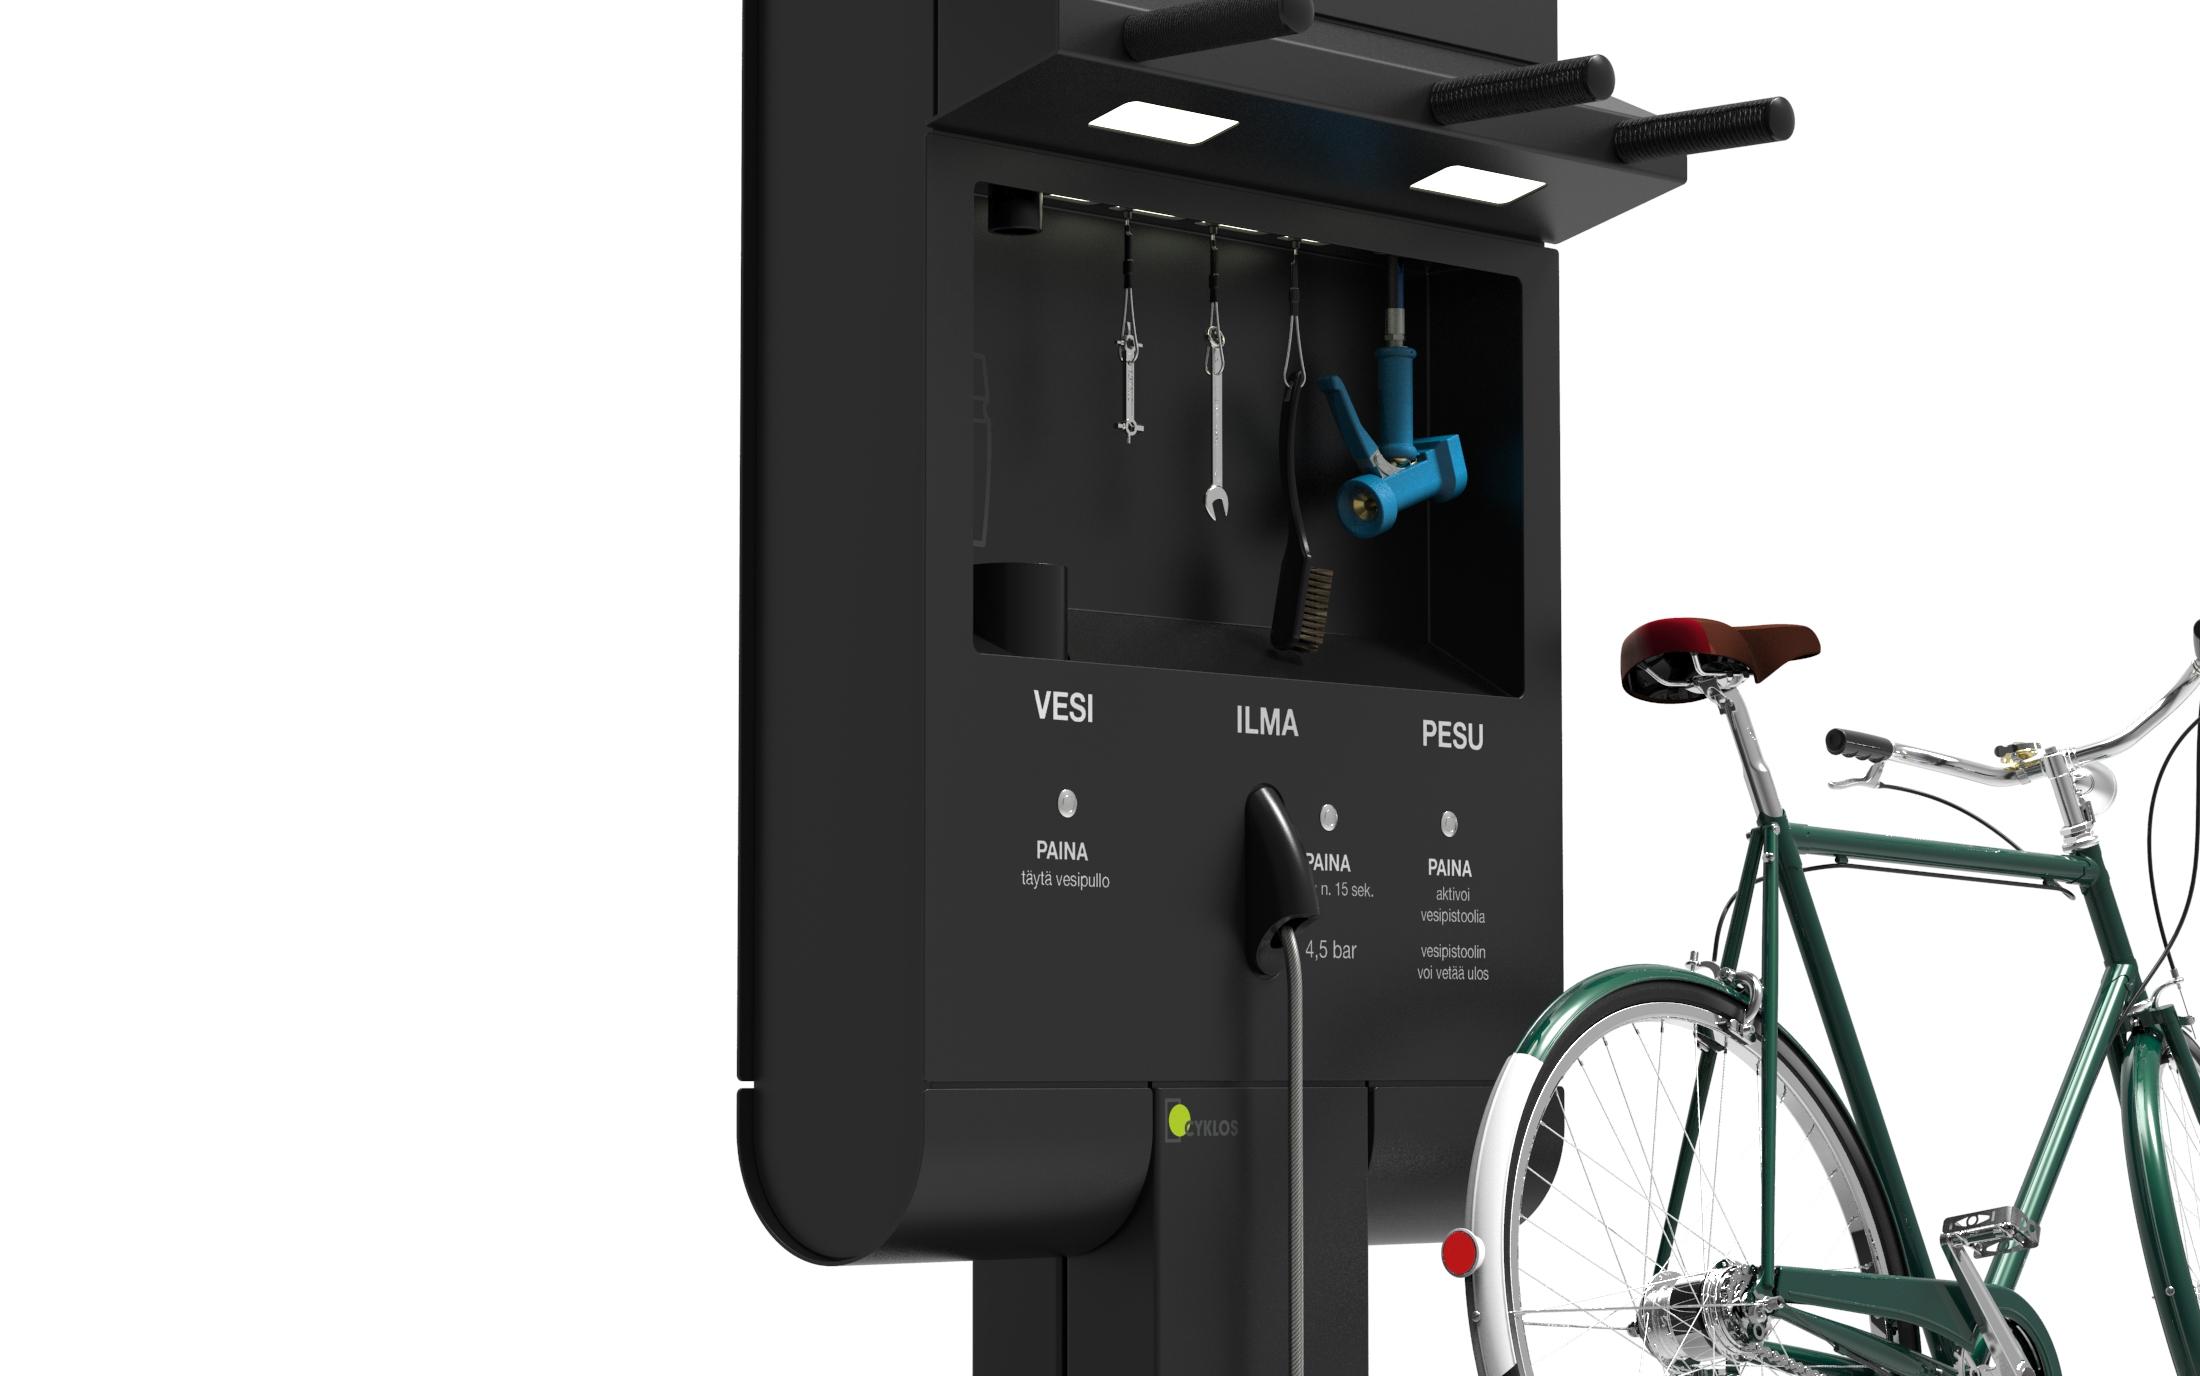 Cyklos GRAND pyöränhuoltopiste polkupyörille sekä palvelupiste kävelijöille josta saa ilmaa, vettä ja pesutoimintoa